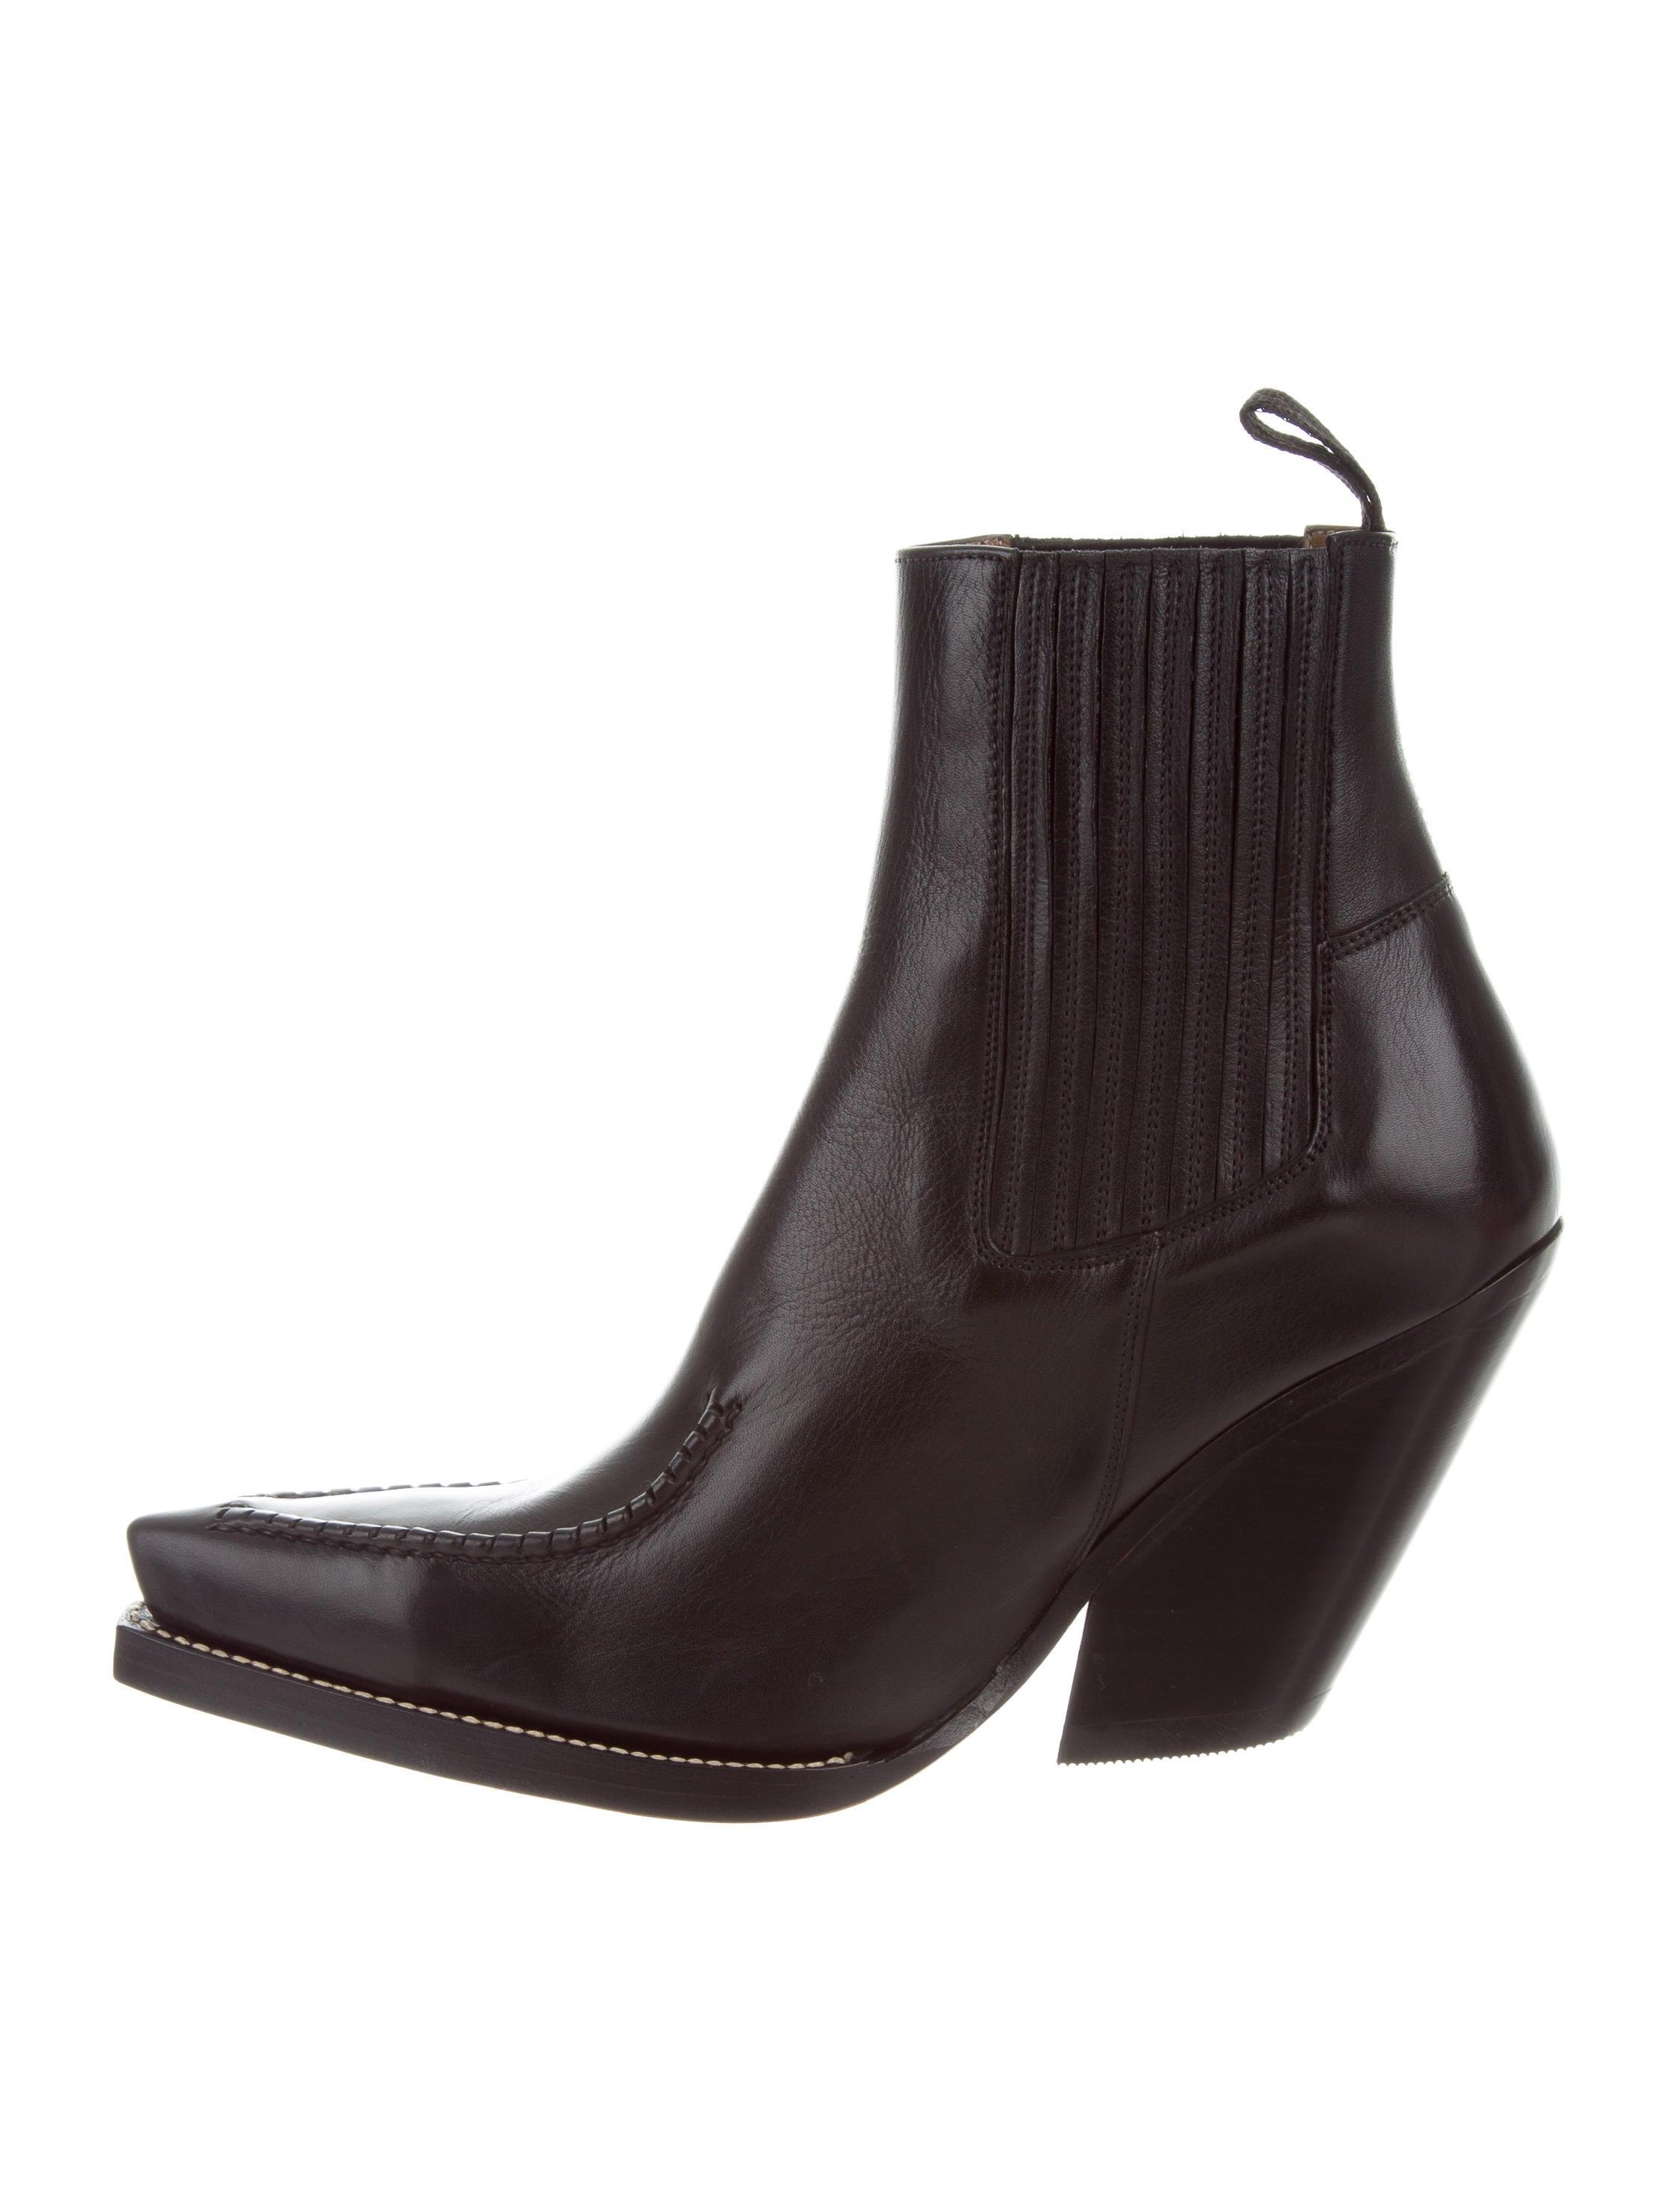 ff7a1560e373 Celine Céline 2017 Cowboy Boots w/ Tags - Shoes - CEL57401 | The ...